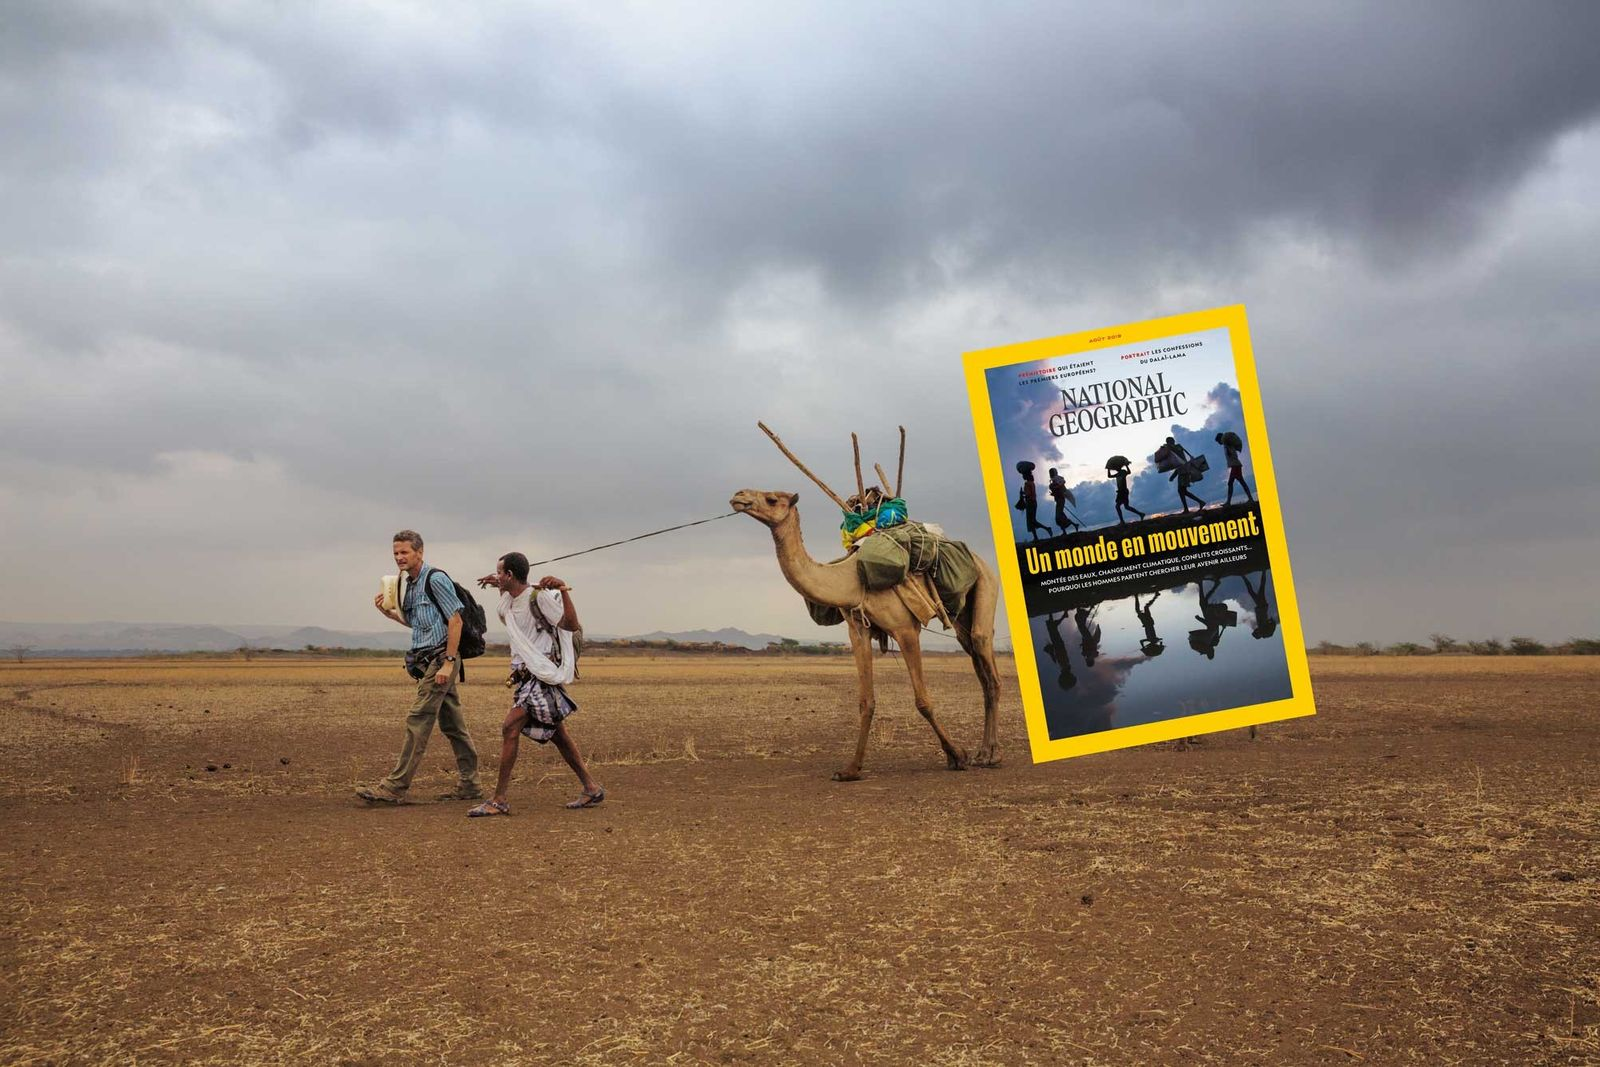 Sommaire du magazine National Geographic d'août 2019 : un monde en mouvement